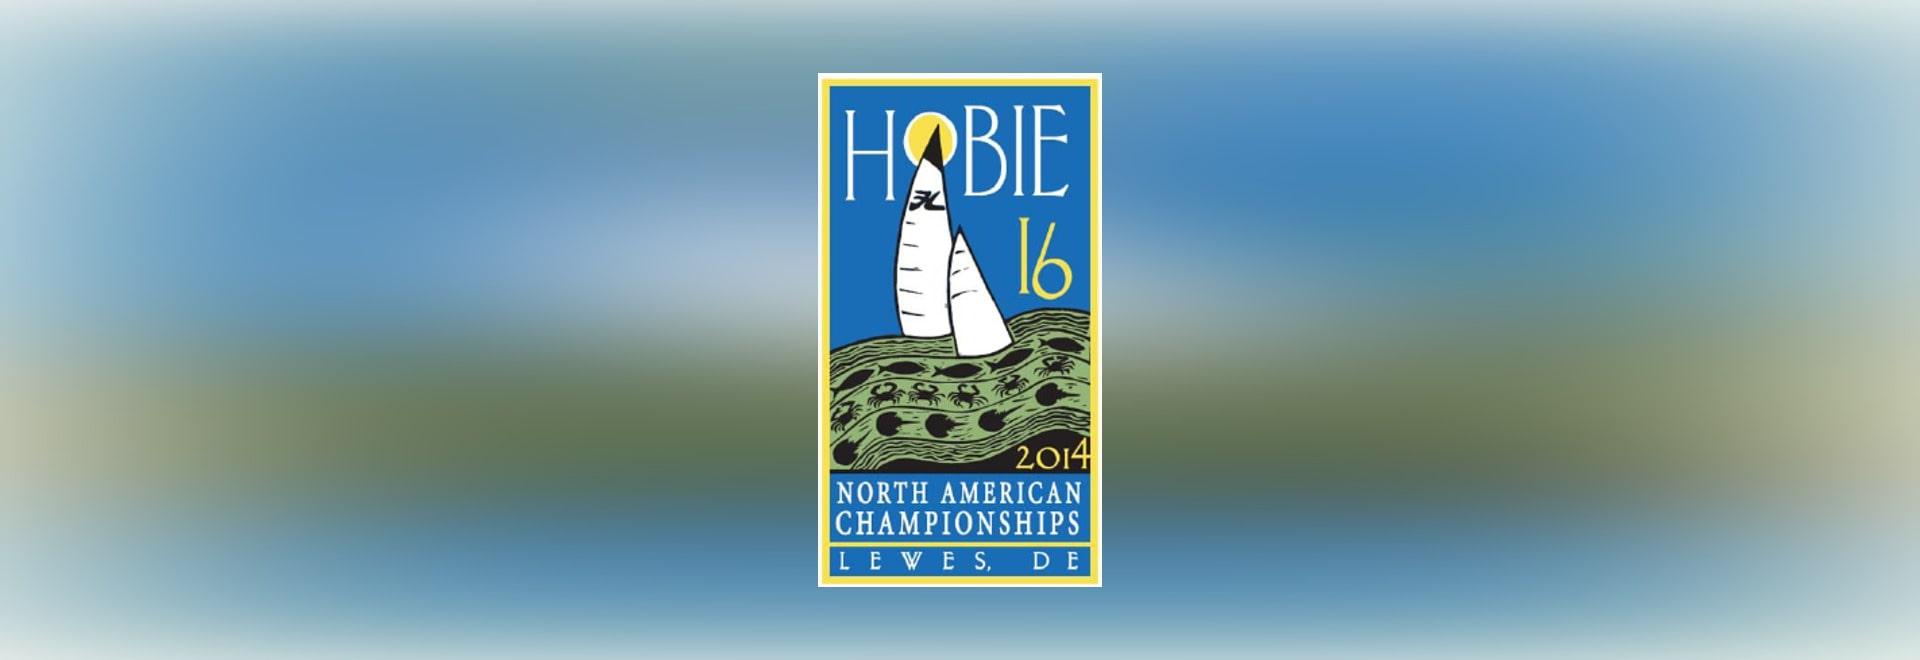 quarante-quatrième Hobie 16 championnats nord-américains ouverts et qualificateur 2015 de jeux de Pan Am